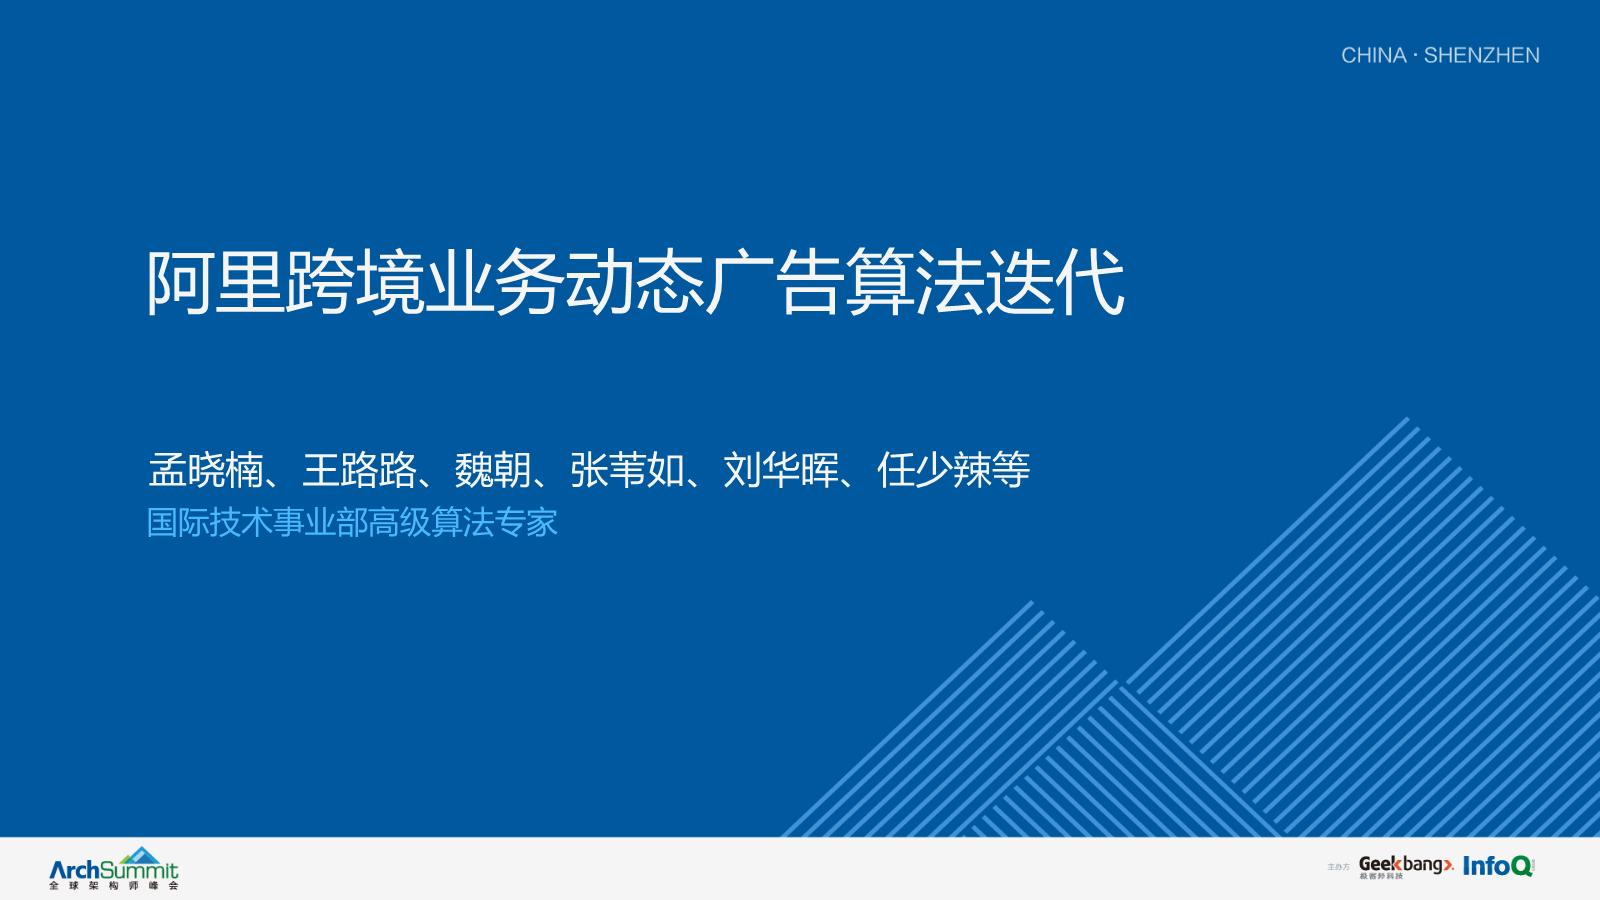 孟晓楠-阿里跨境业务动态广告算法迭代